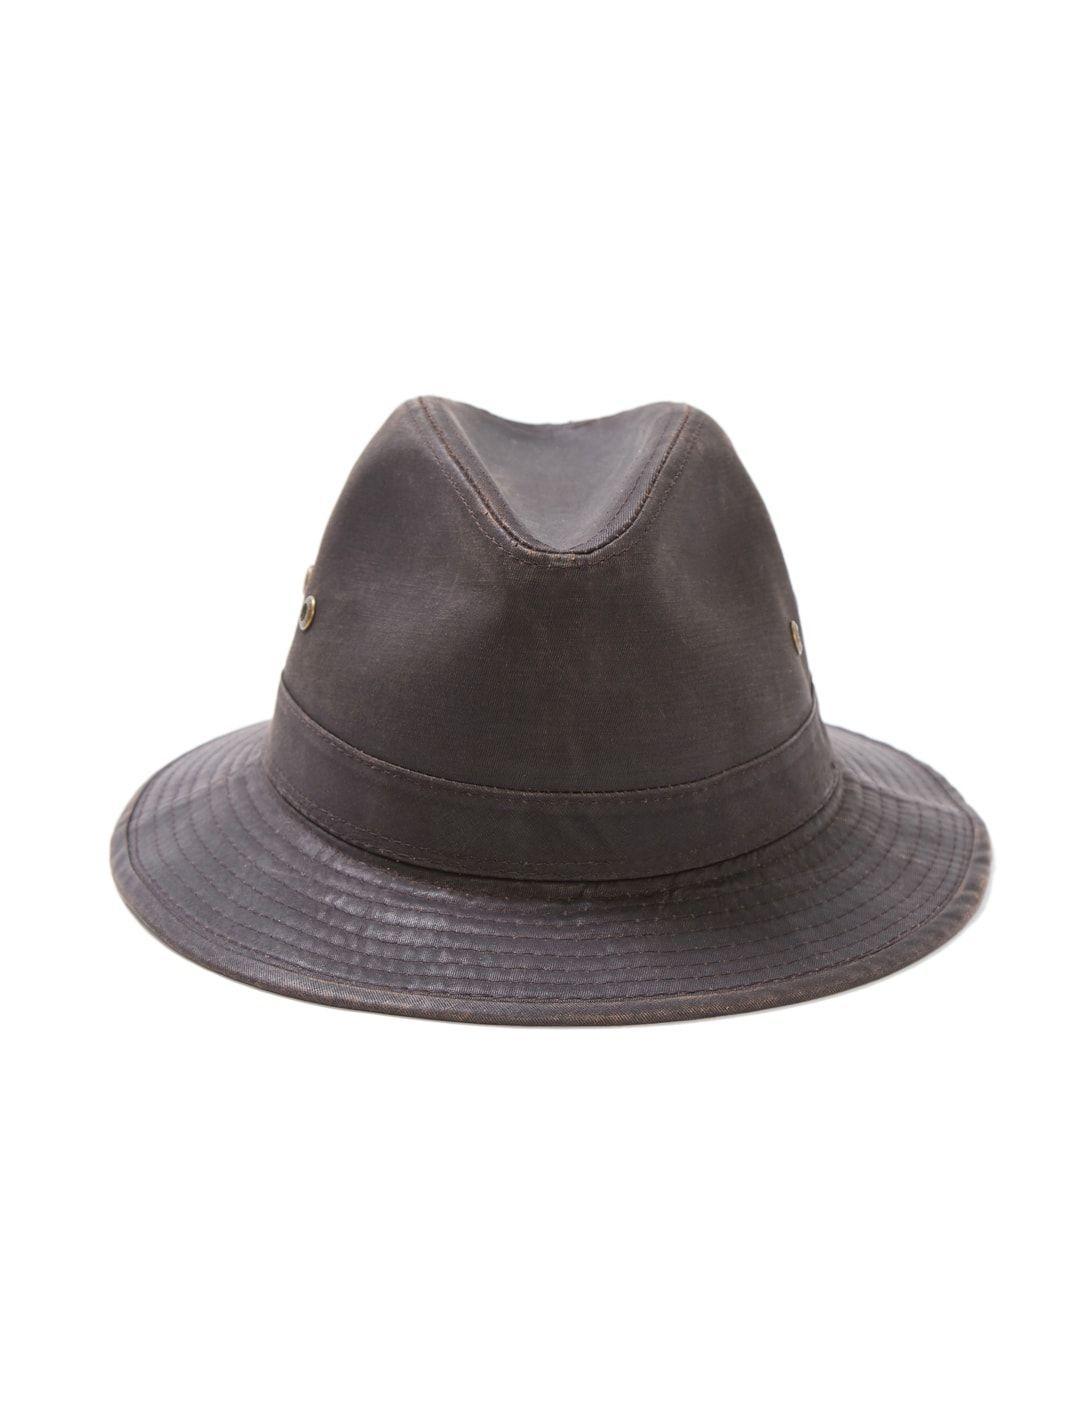 e63feae83cf48b Stetson Men's DISTRESSED COTTON STW263. Details. The Distressed Cotton Safari  Hat ...